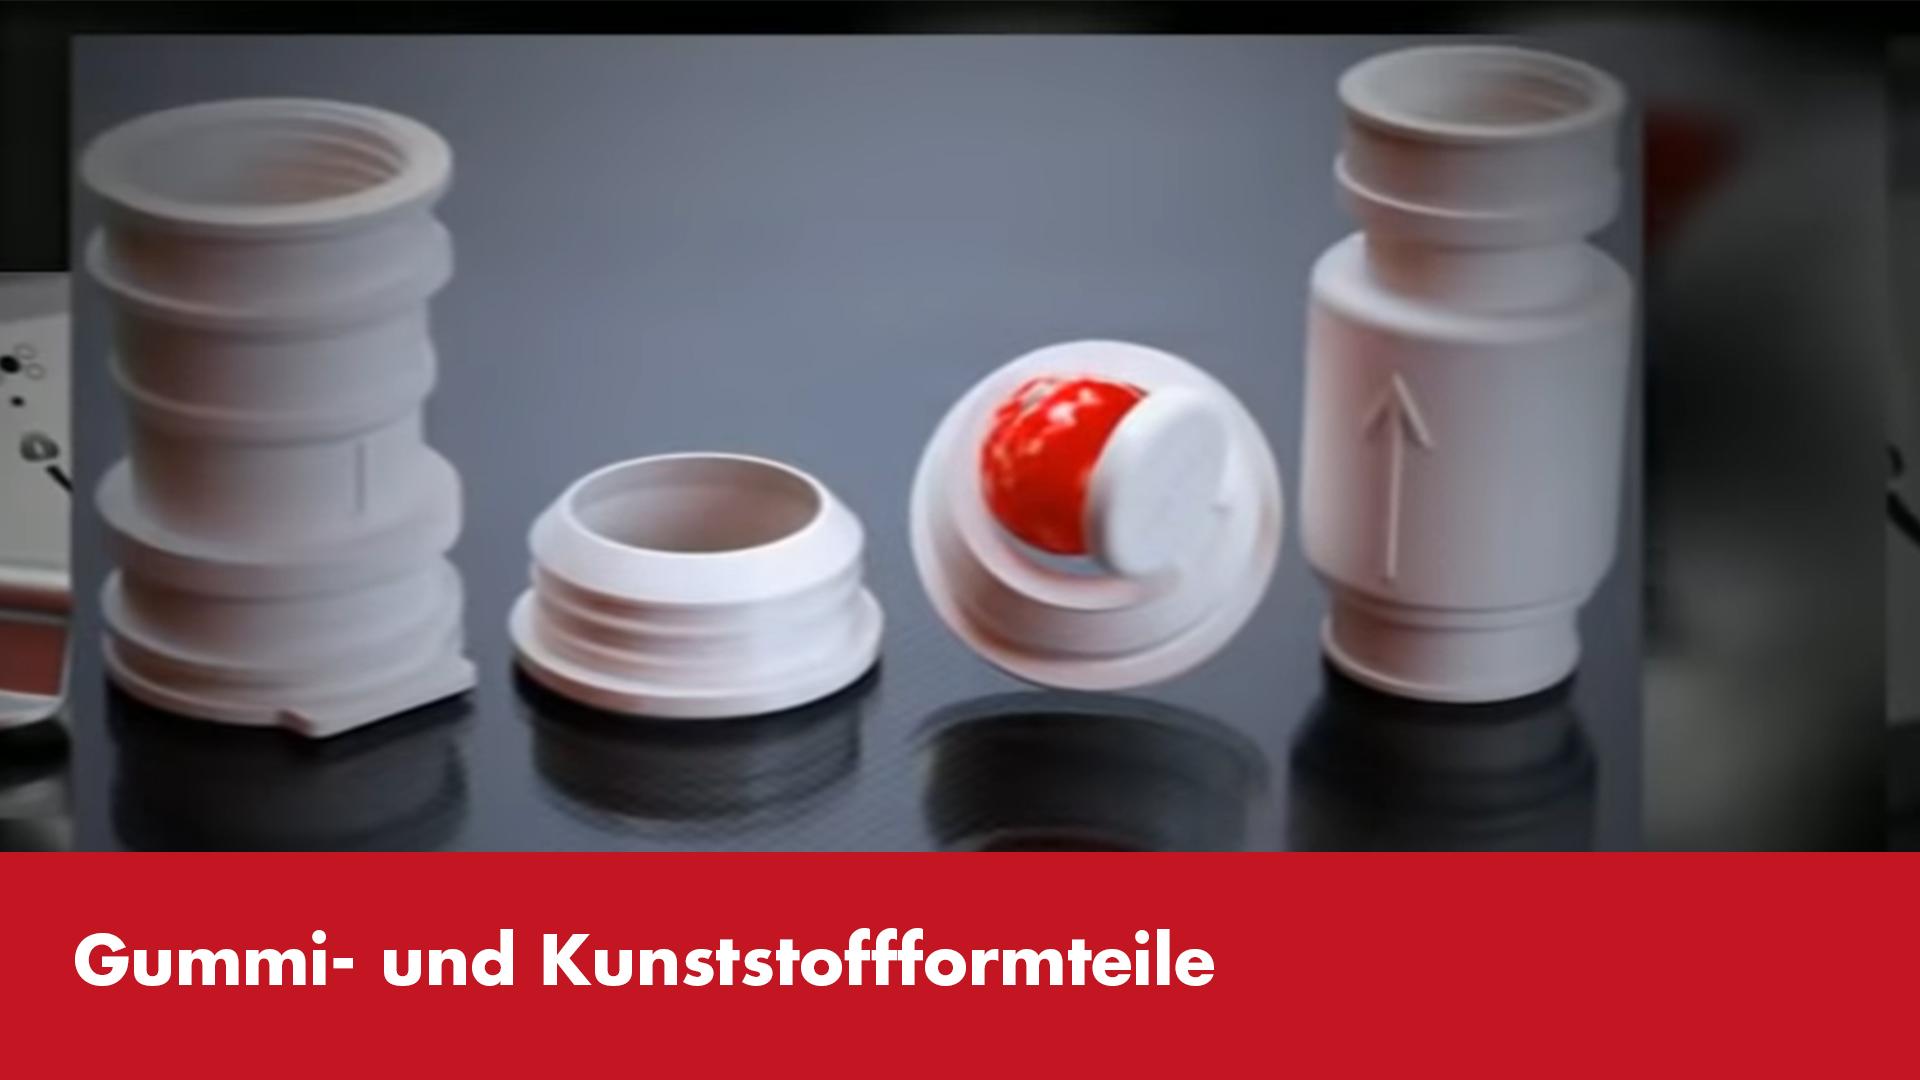 Video-Vorschaubild Gummi- und Kunststoff-Formteile für die Industrie